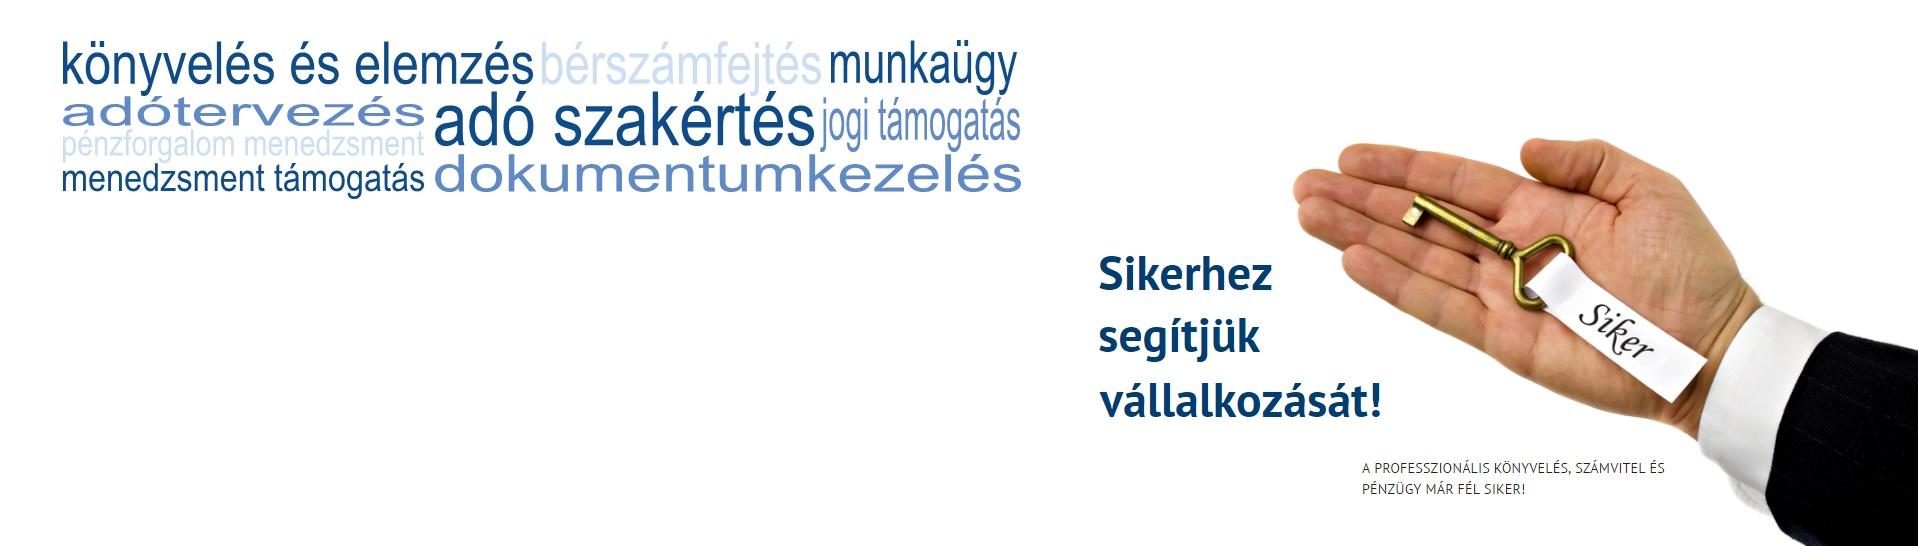 konyveloiroda_budapest